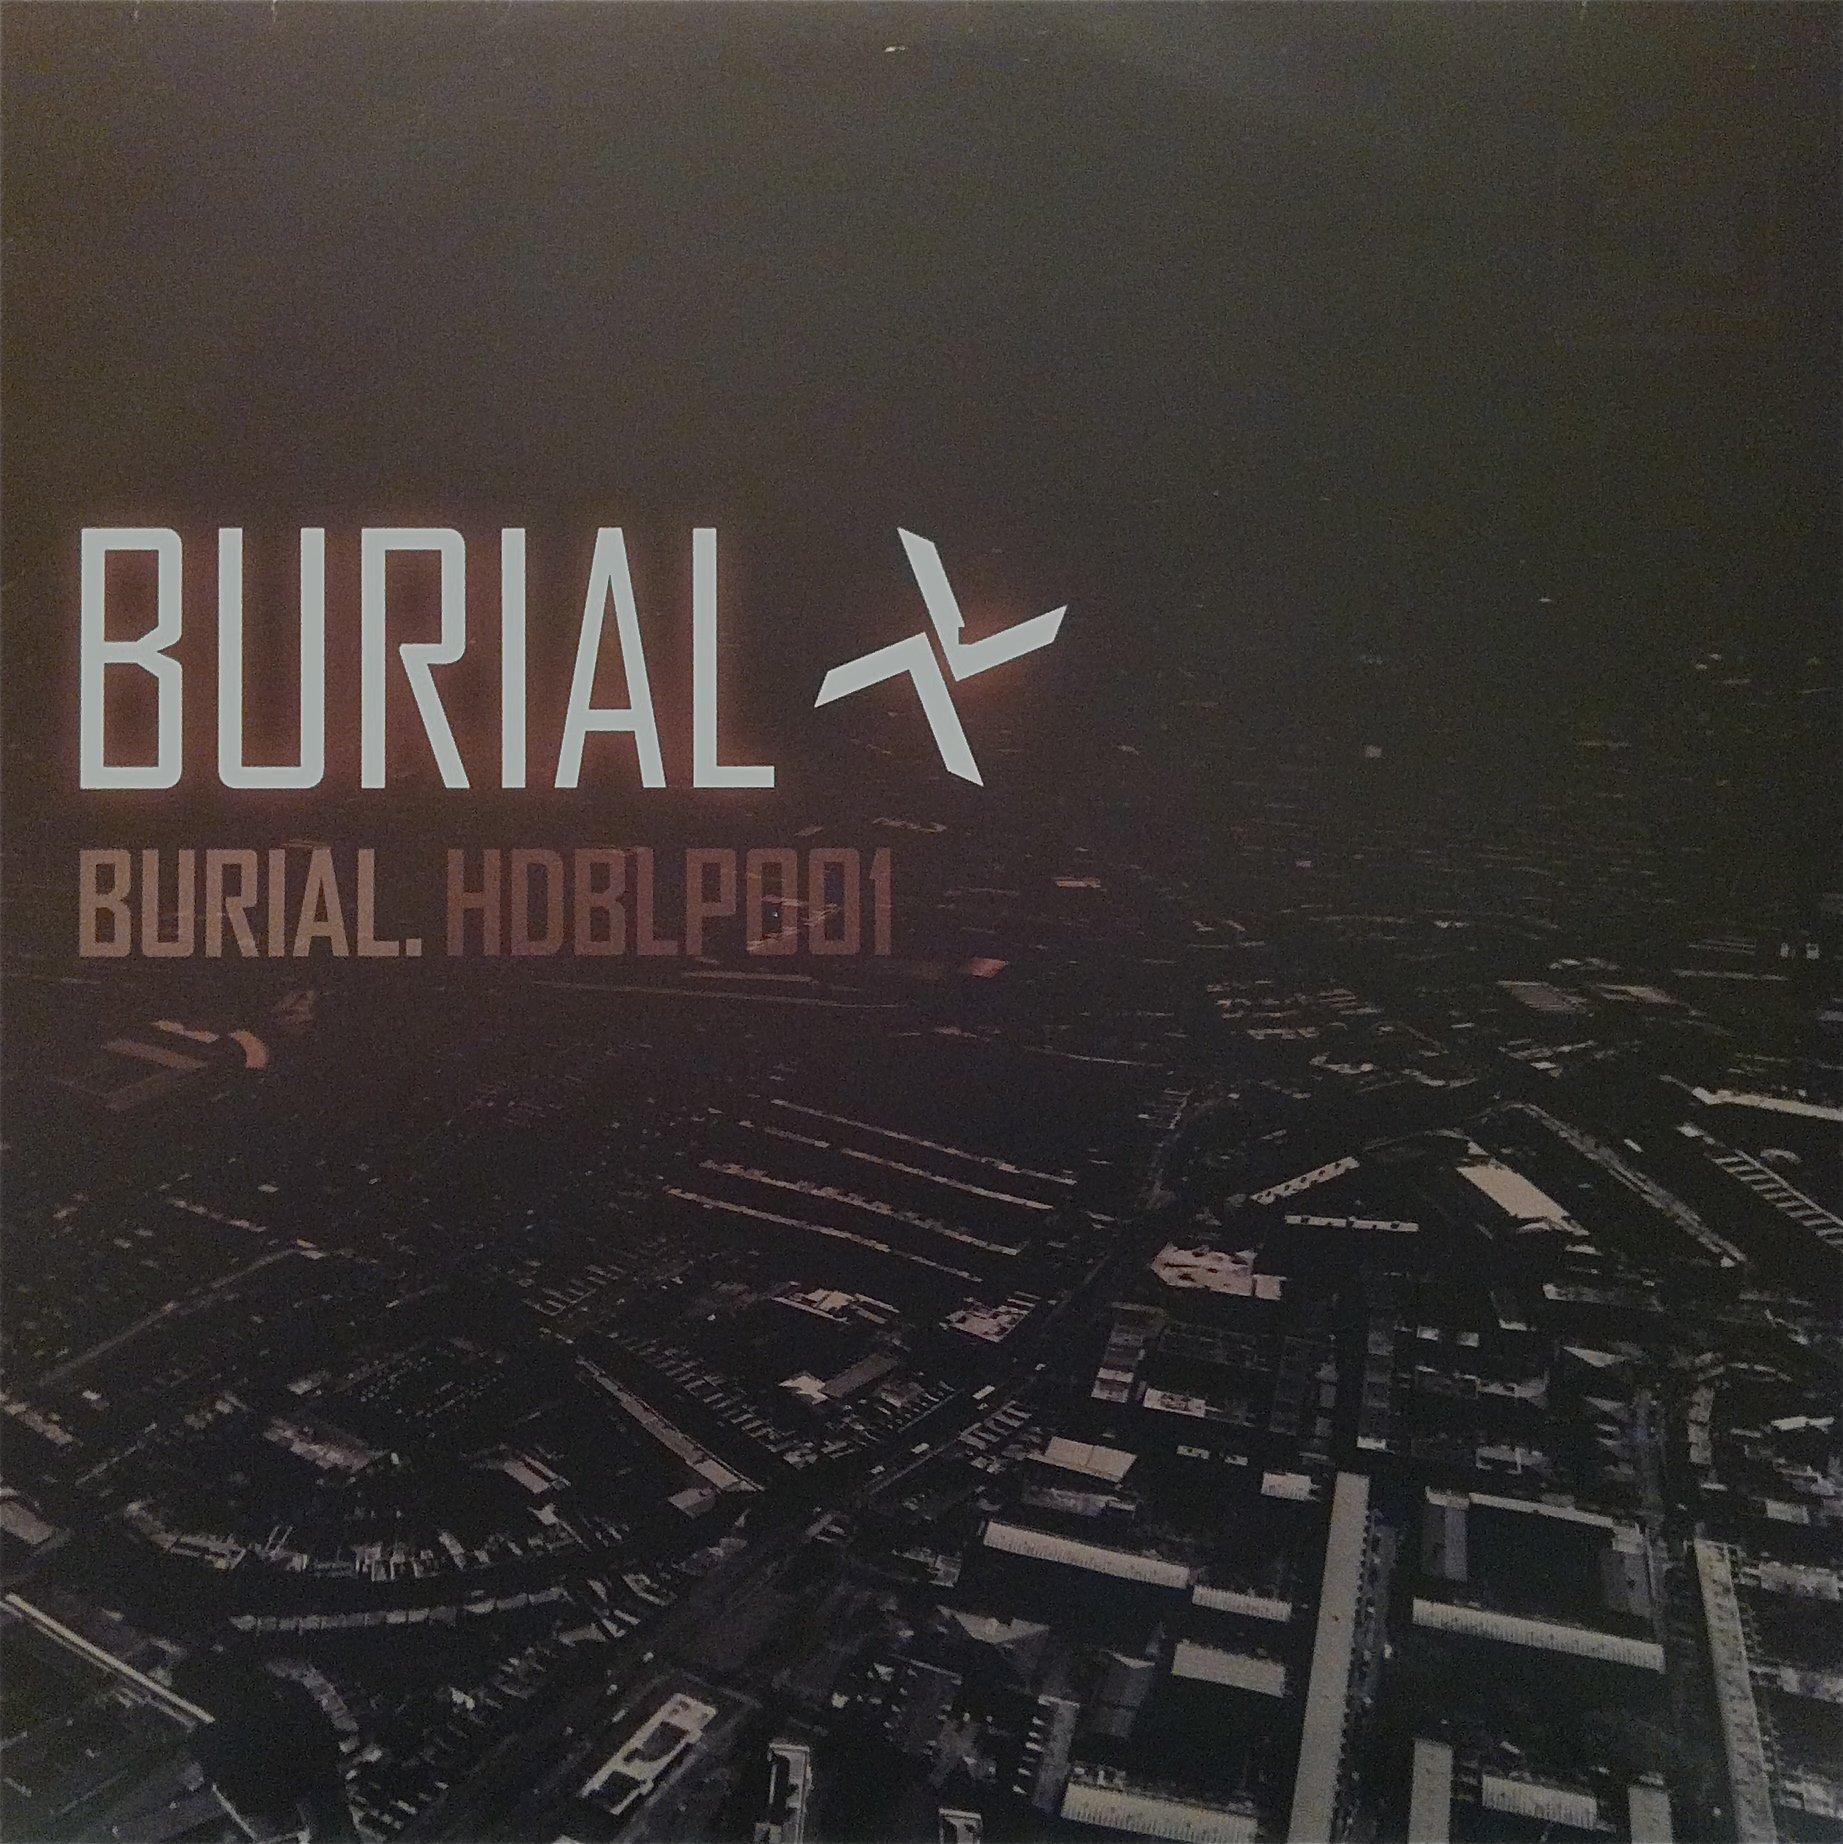 Modern Classic: 'Burial' Burial | Classic Album Sundays